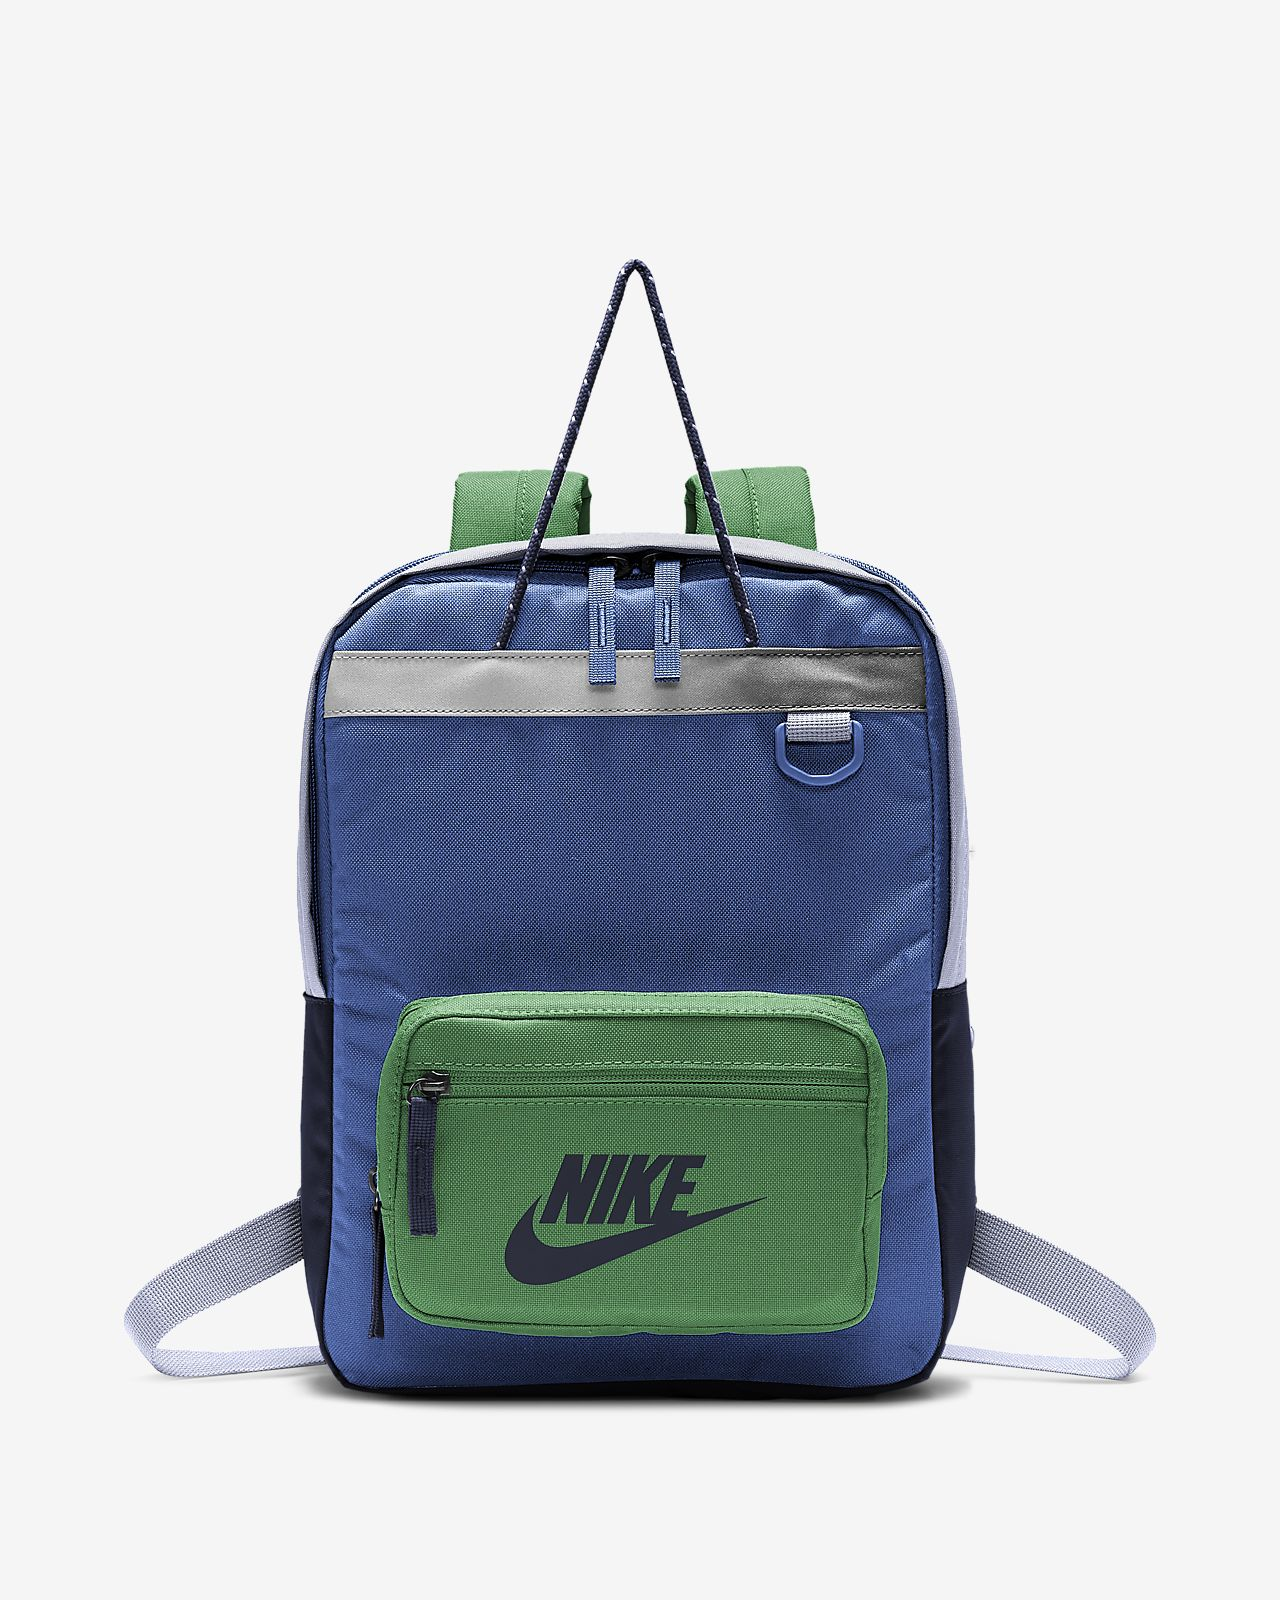 Nike Tanjun 双肩包